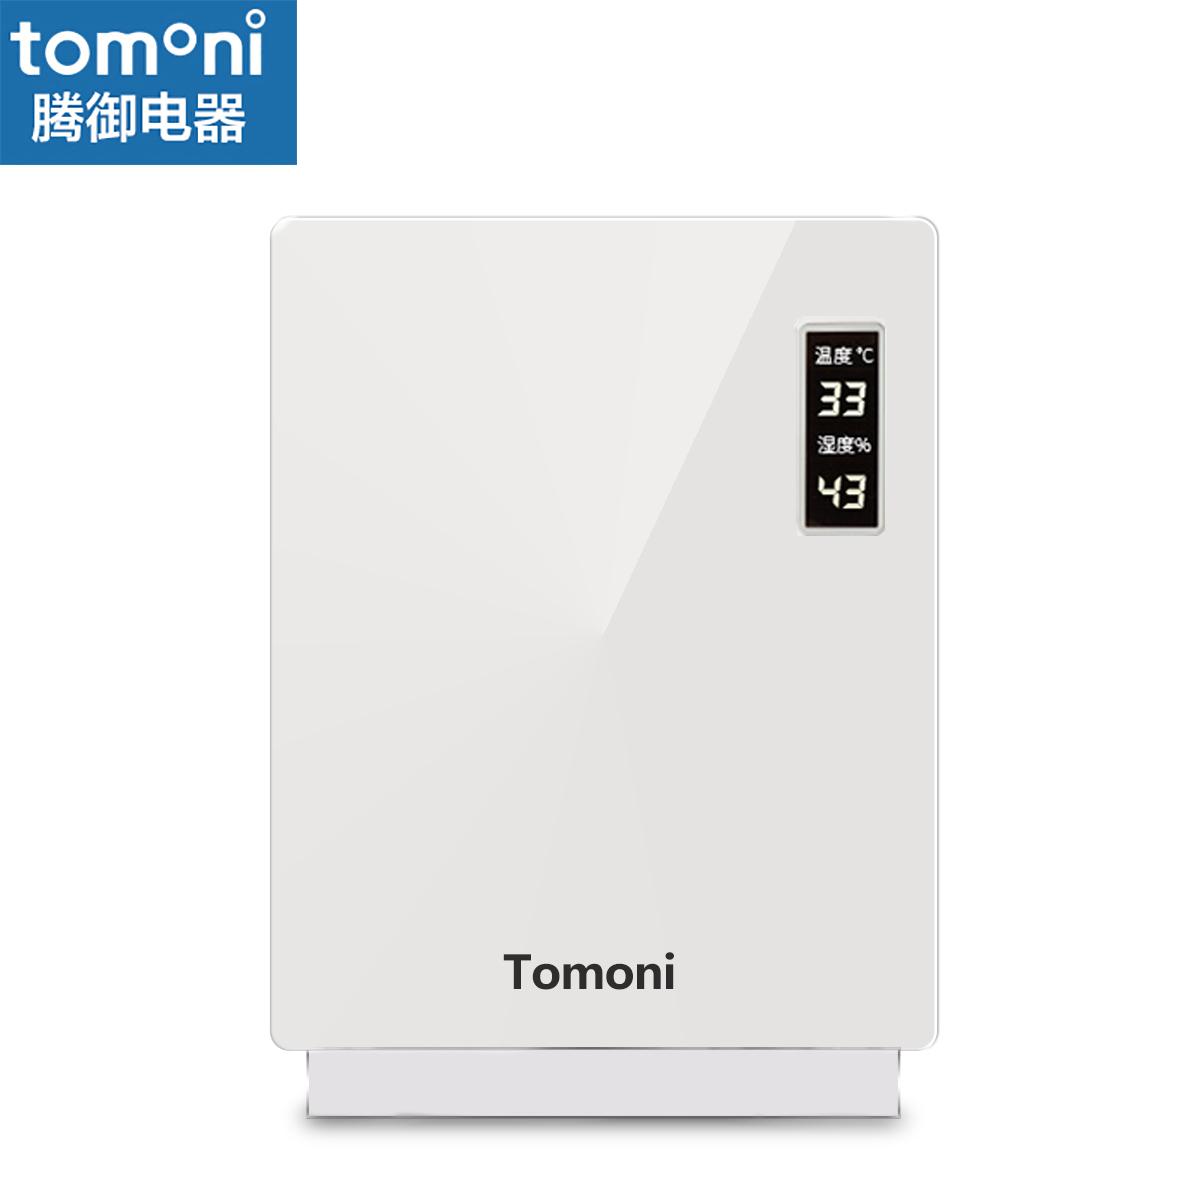 日本TOMONI烘干机 AFS-W9007A